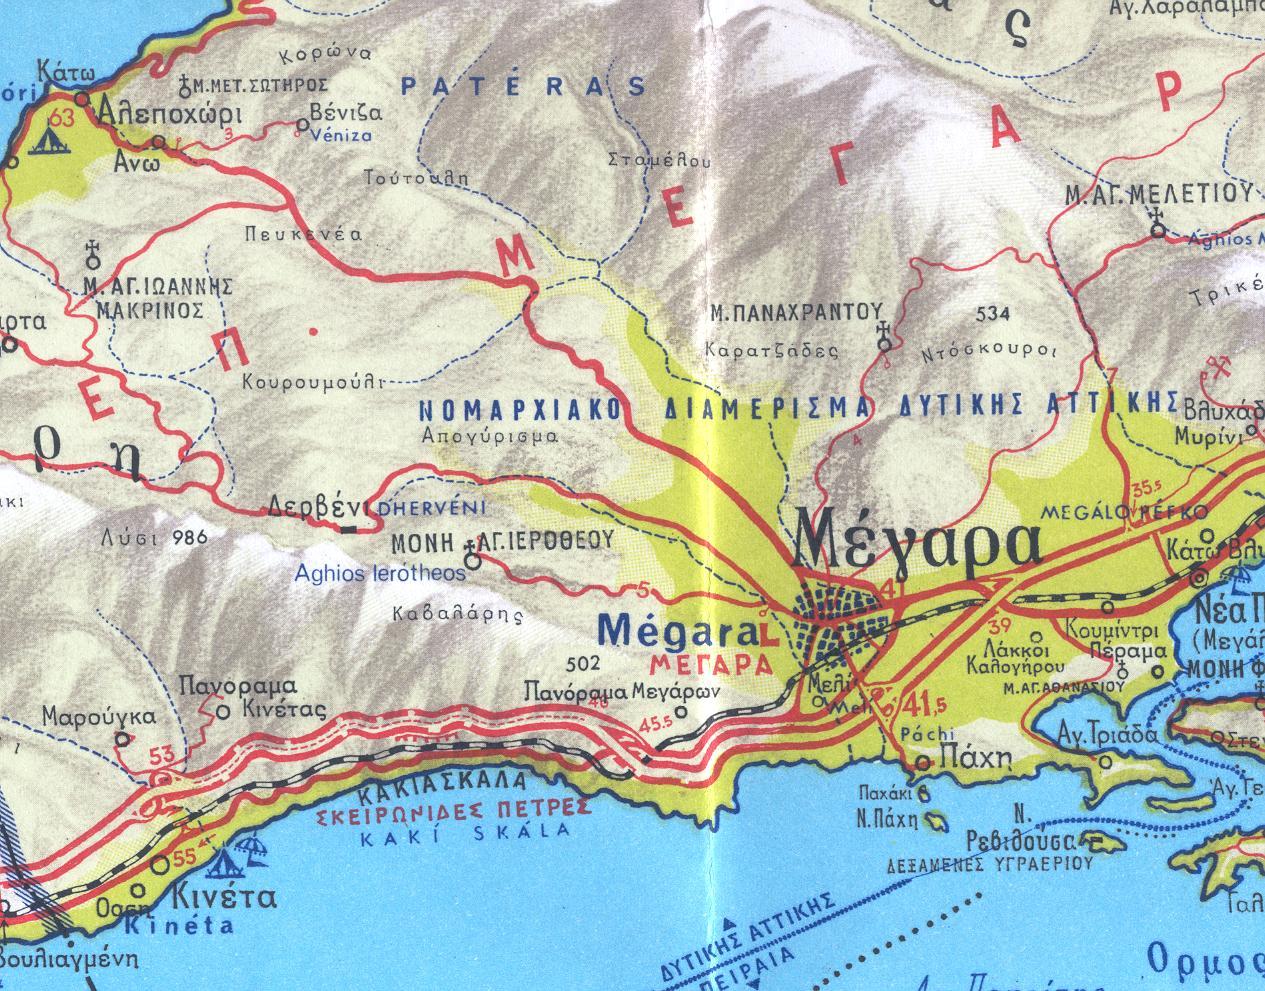 Χάρτης επαρχίας Μεγαρίδος